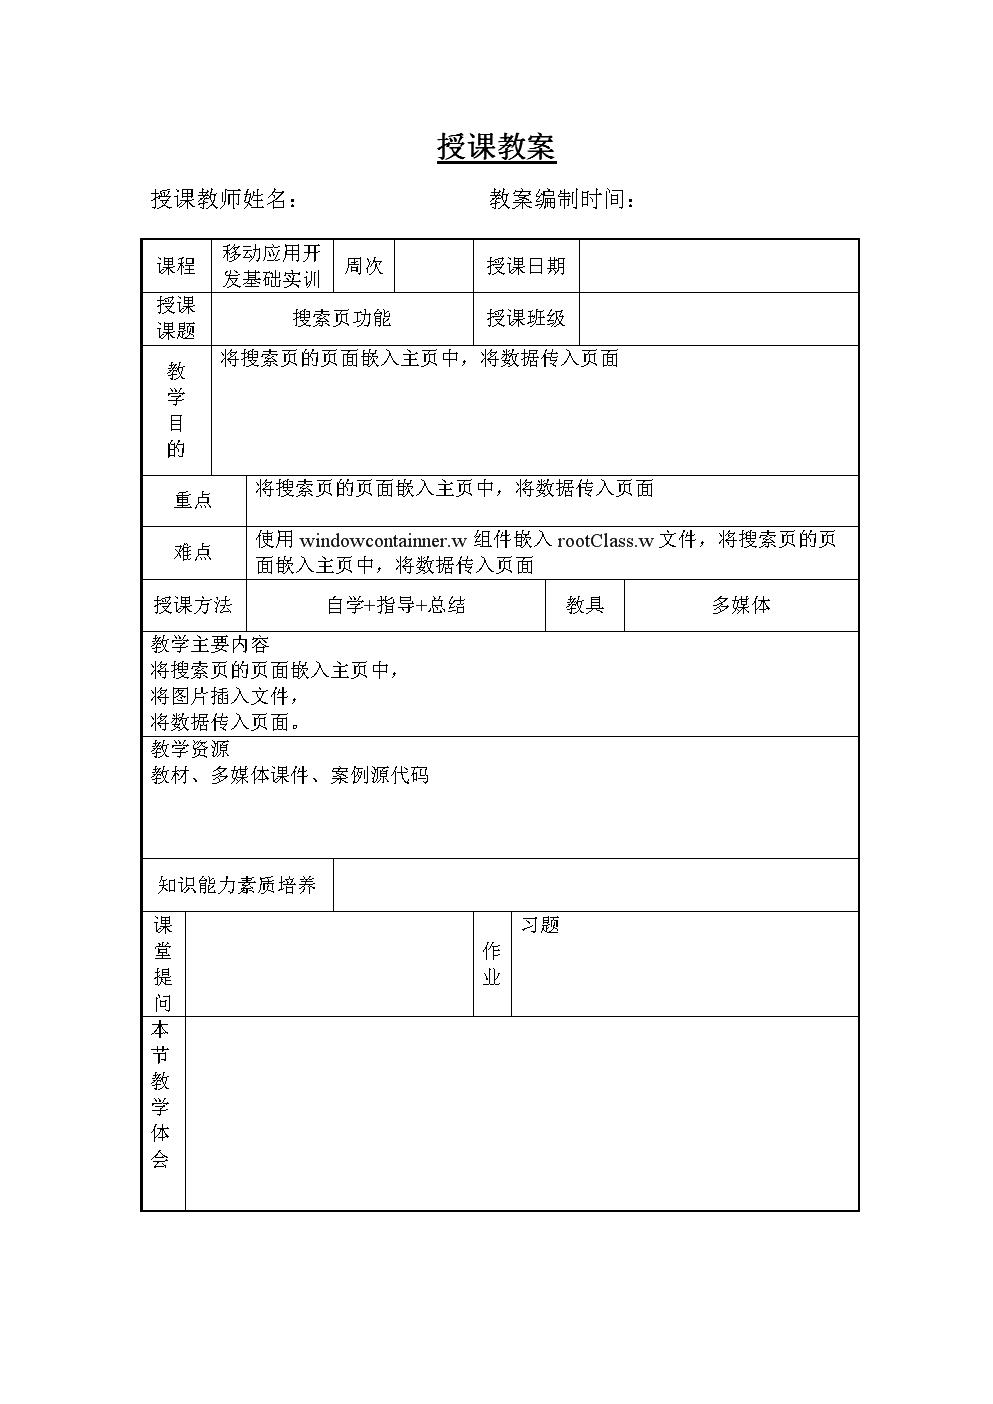 移动应用开发基础实训-2017 搜索页面功能1 搜索页功能教案.docx